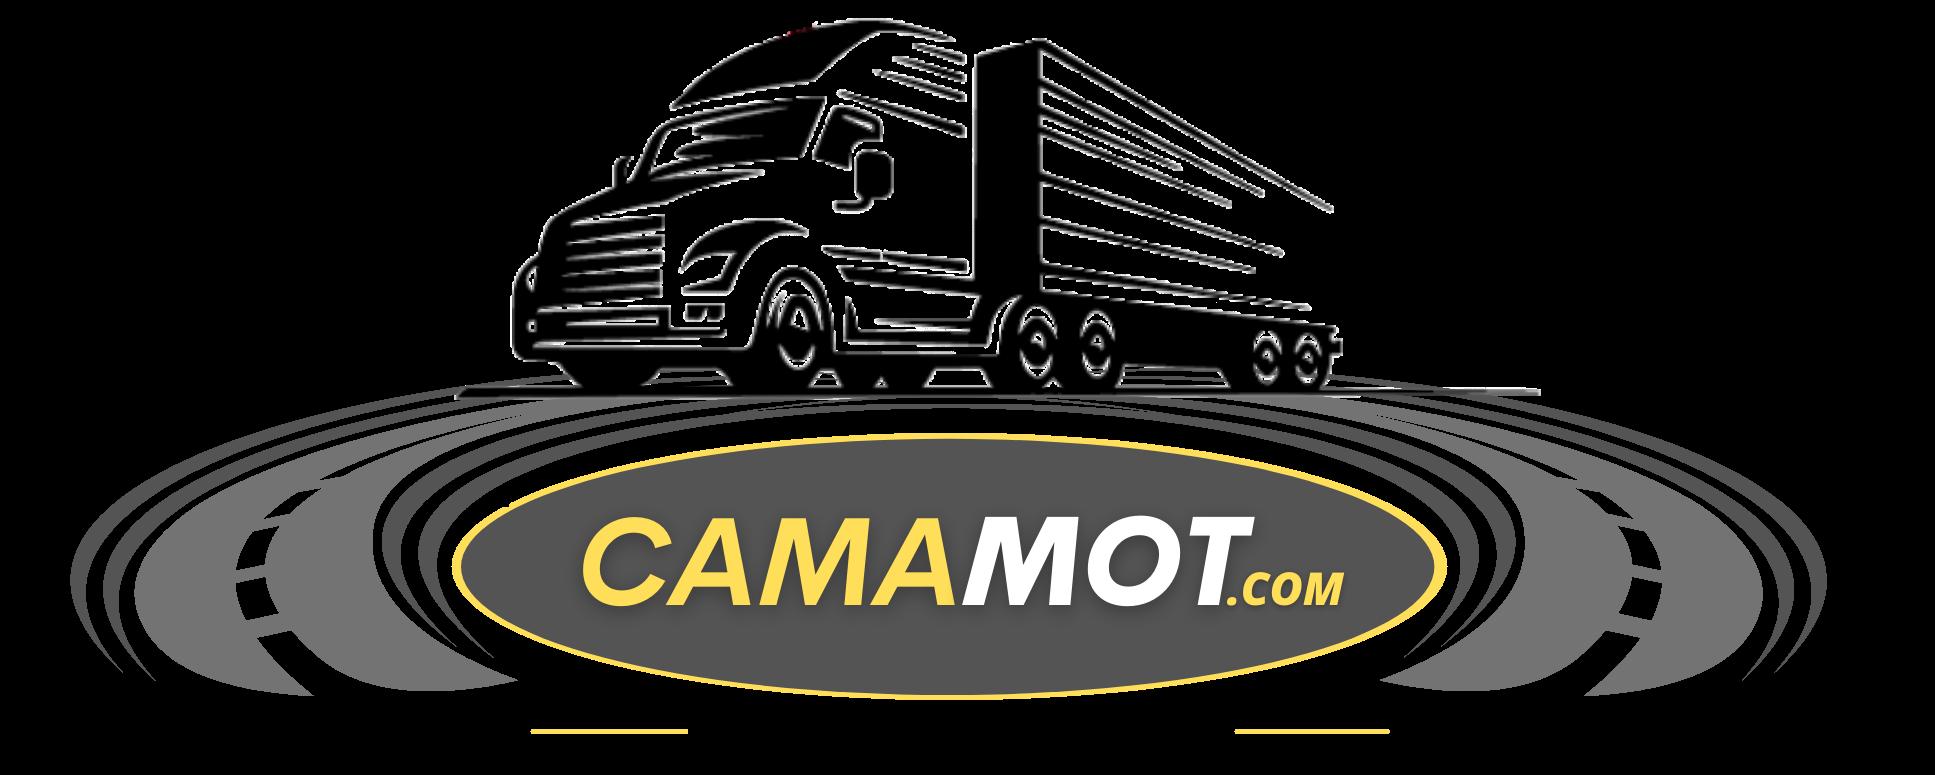 CAMAMOT.COM